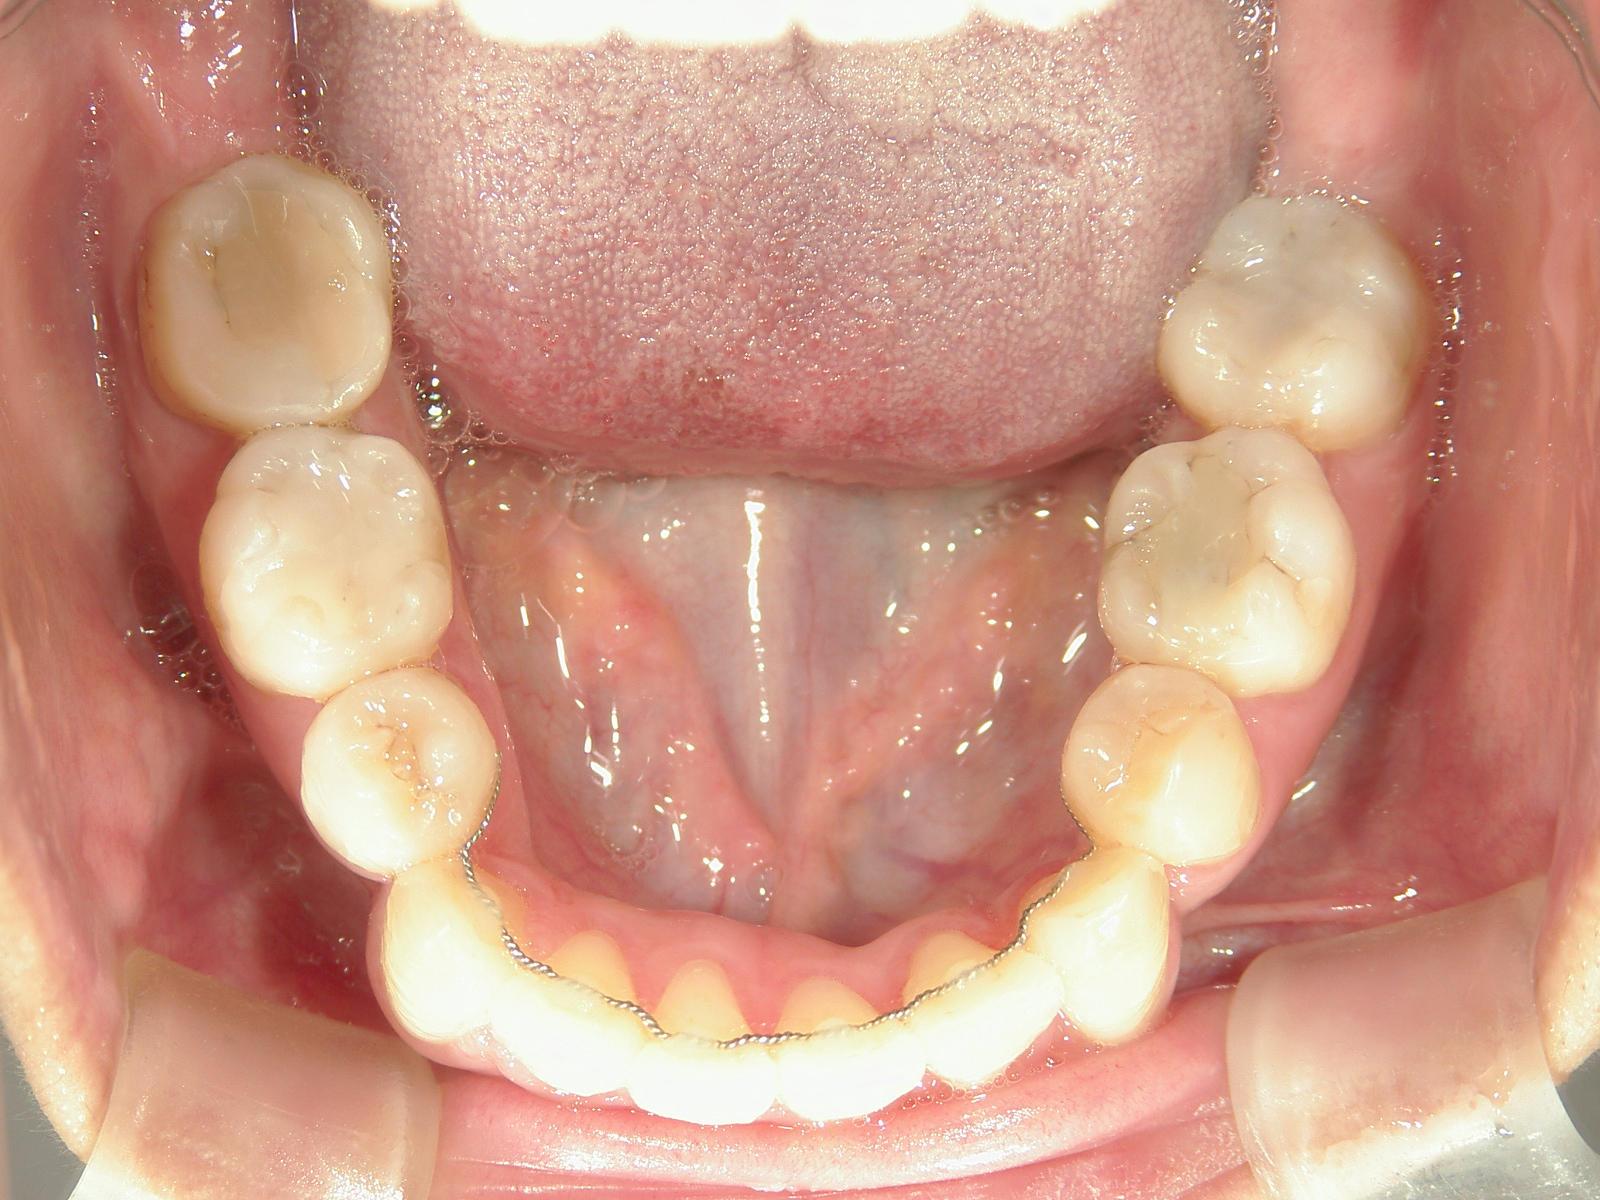 全顎ワイヤー矯正 症例(10)